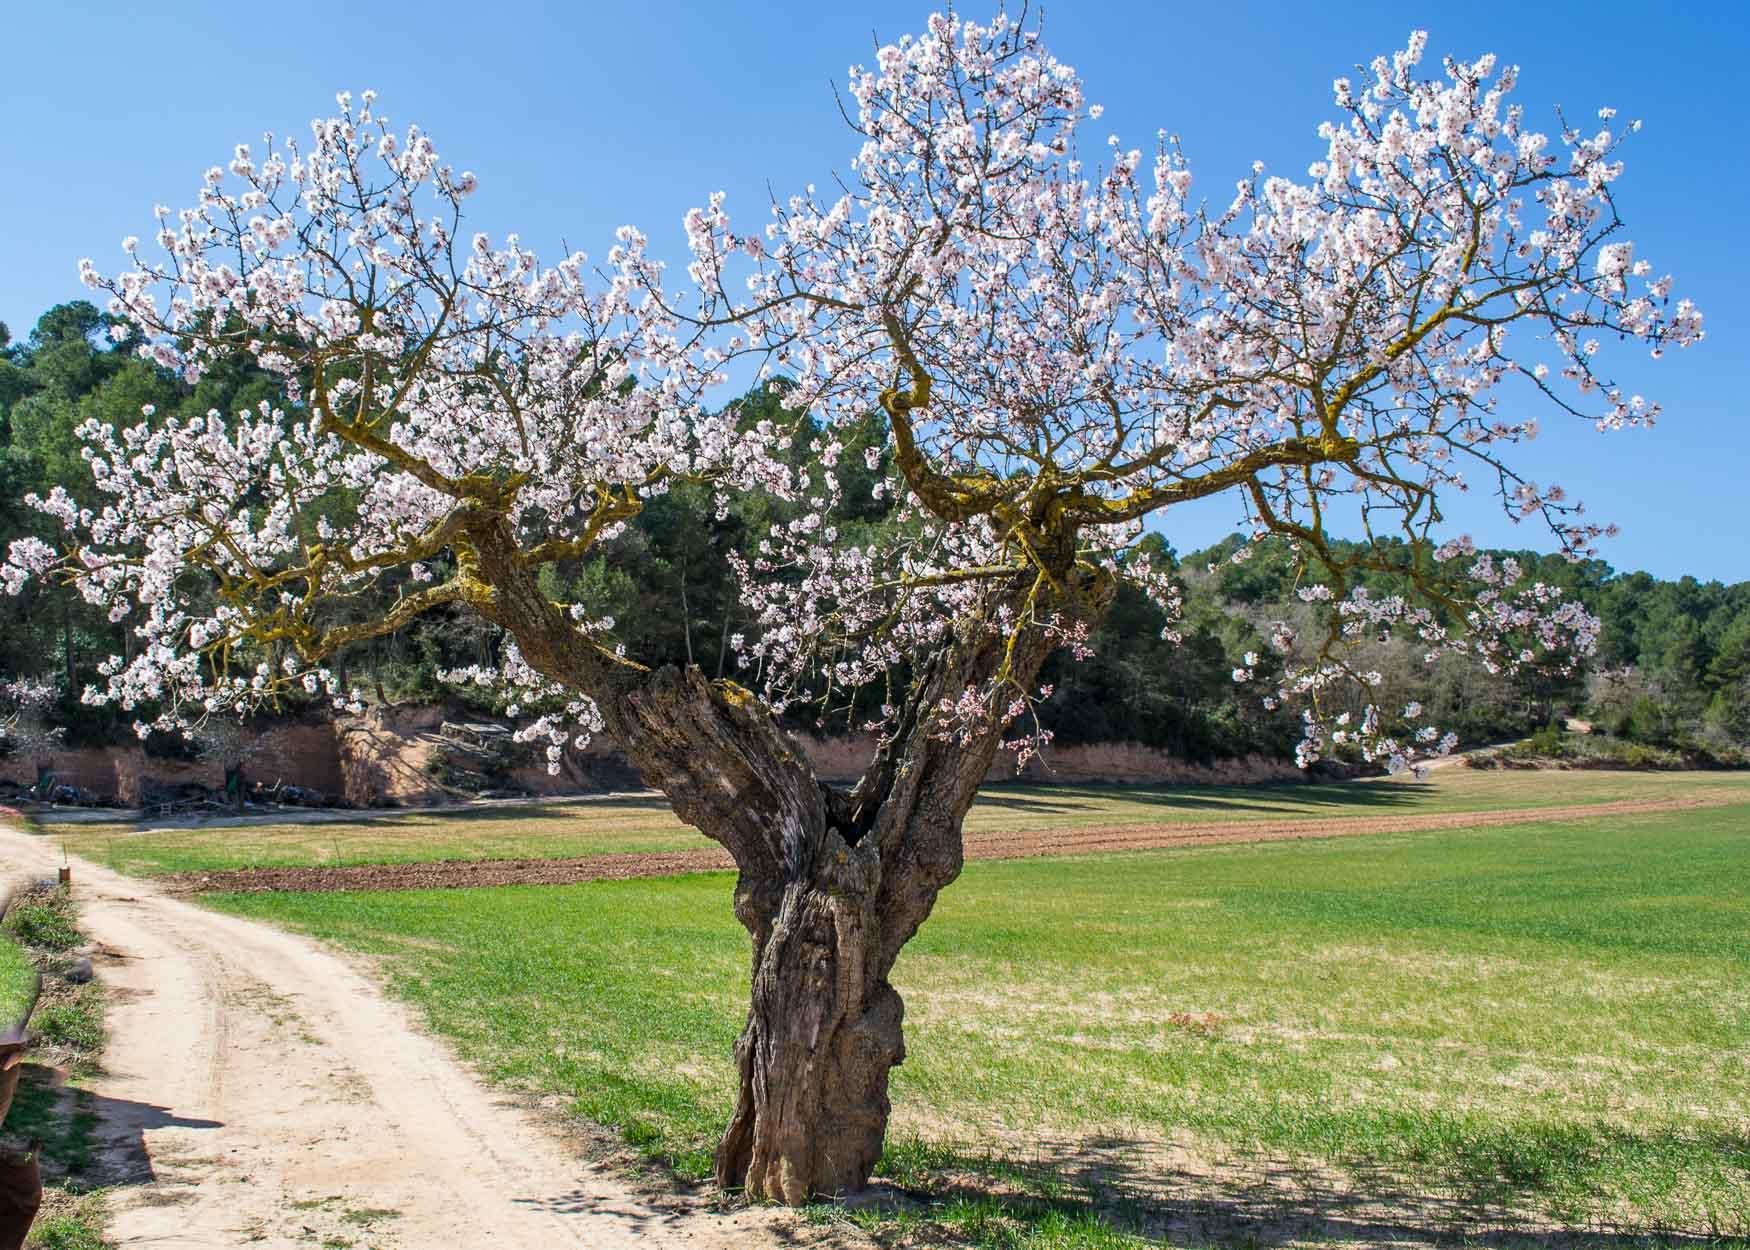 L'atmetller de l'Andreu, Prunus dulcis. L'Espluga de Francolí. Arbres Singulars.